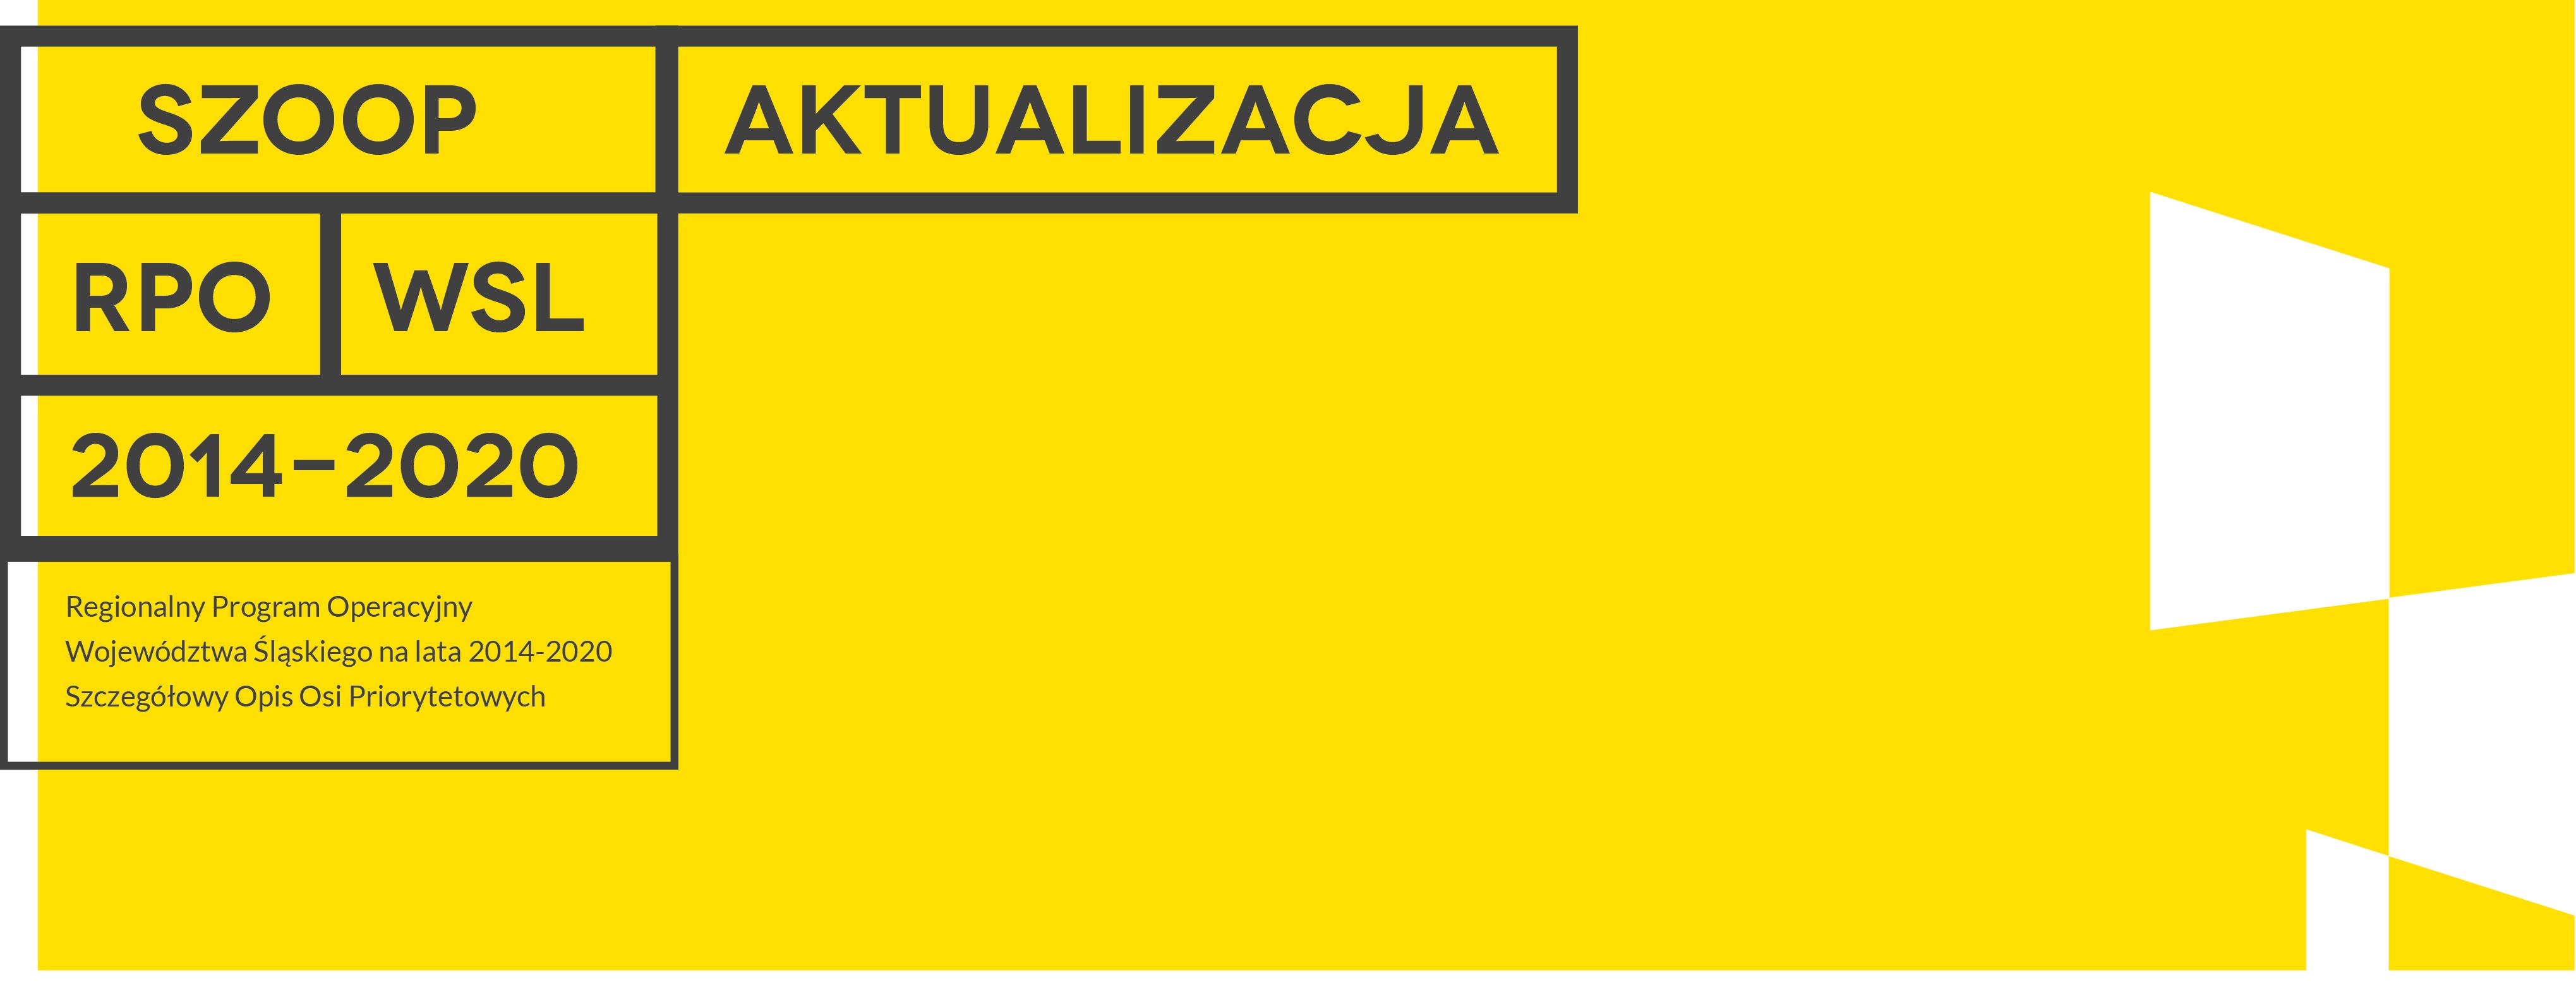 Szczegółowy Opis Osi Priorytetowych Regionalnego Programu Operacyjnego Województwa Śląskiego - aktualizacja